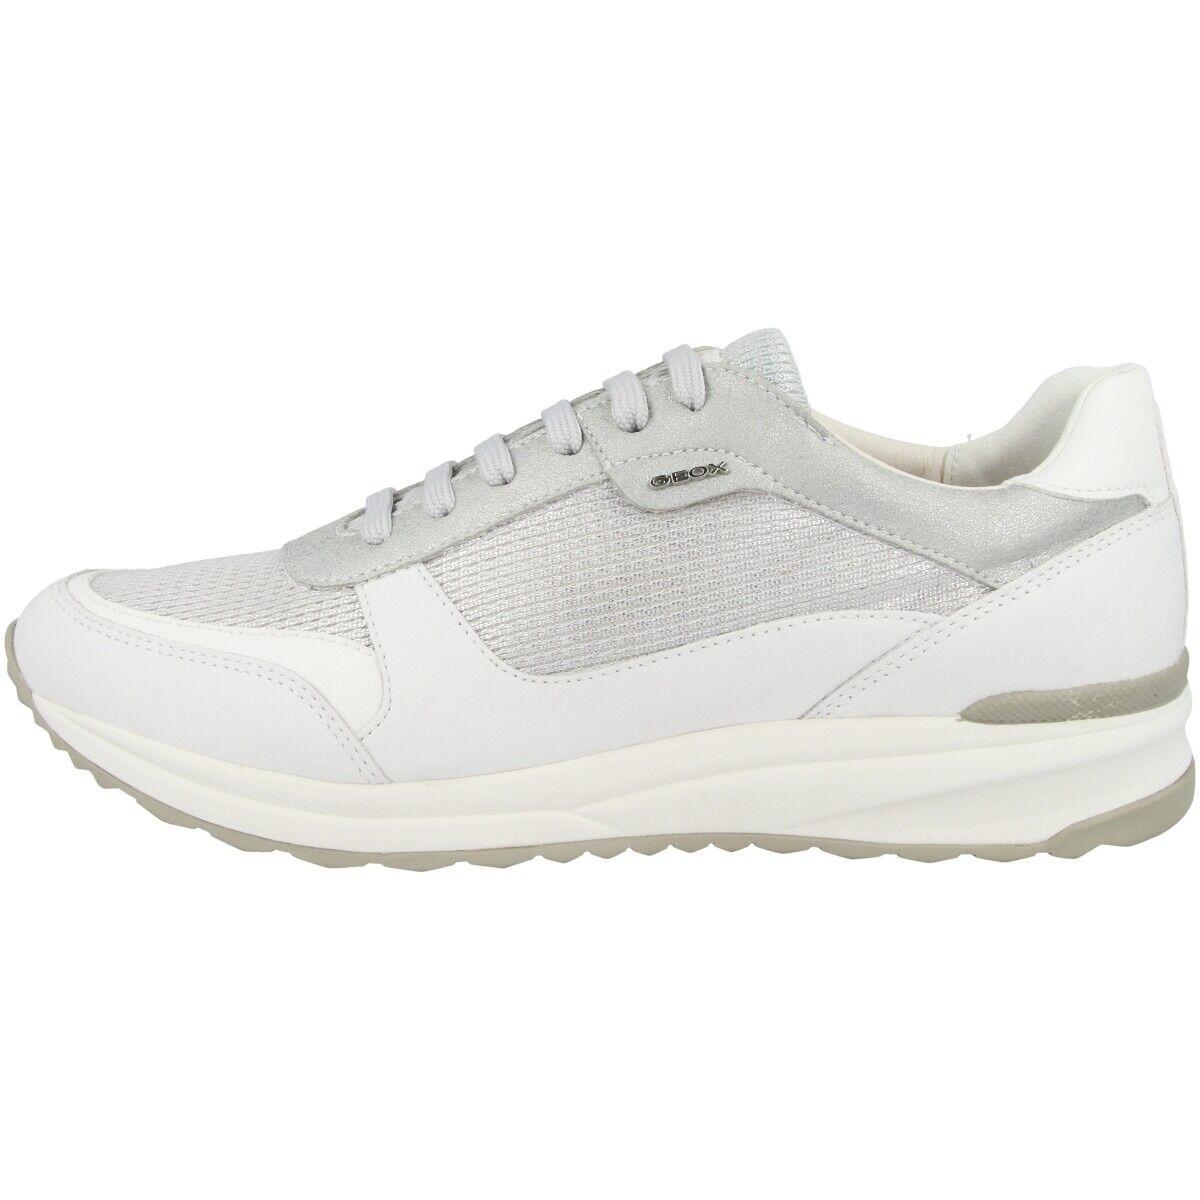 Geox D Airell C Scarpe Donna scarpe da ginnastica Sport da Ginnastica argentoo | Della Qualità  | Scolaro/Ragazze Scarpa